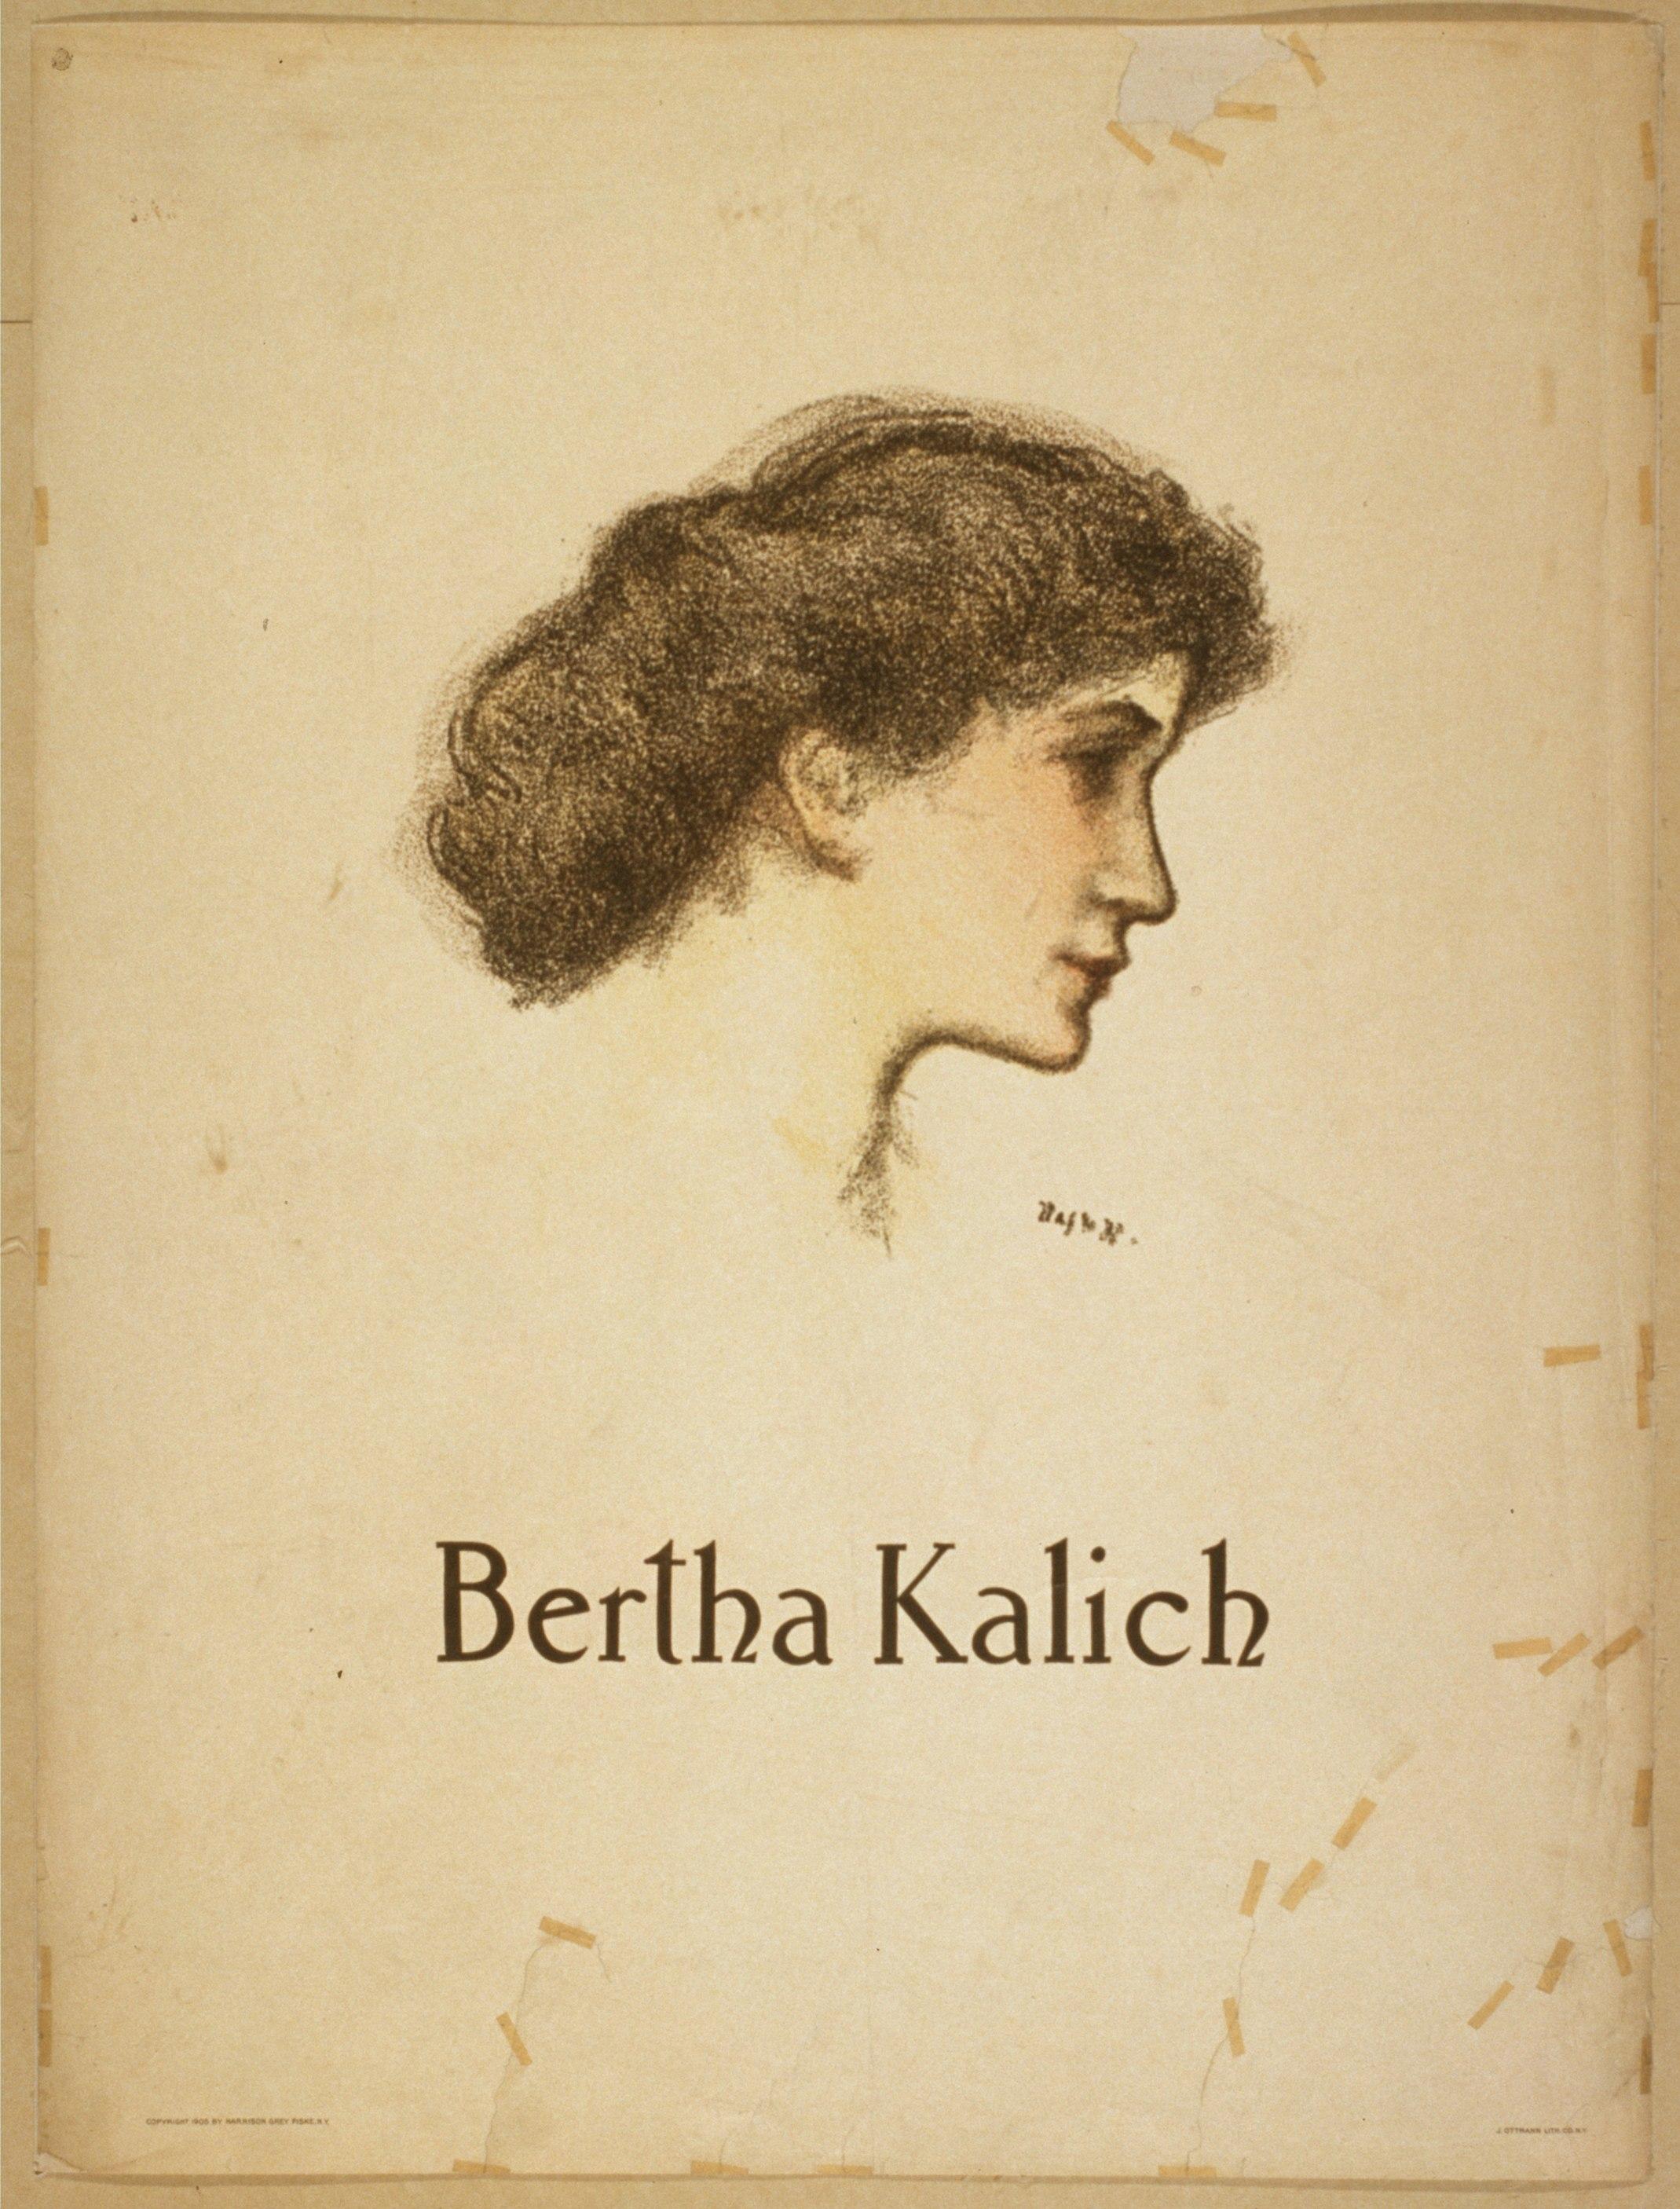 Bertha Kalich nudes (31 photo), Sexy, Cleavage, Instagram, butt 2020